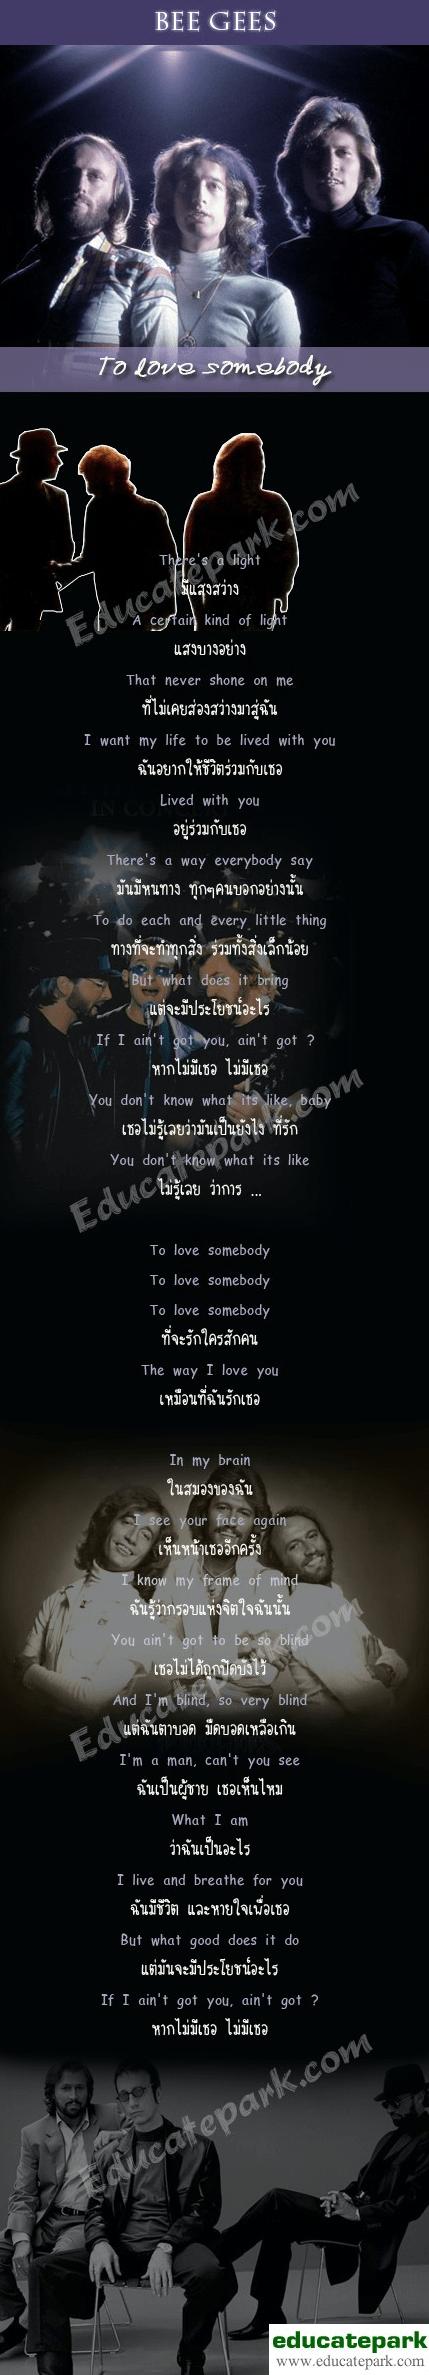 แปลเพลง To Love Somebody - Bee Gees